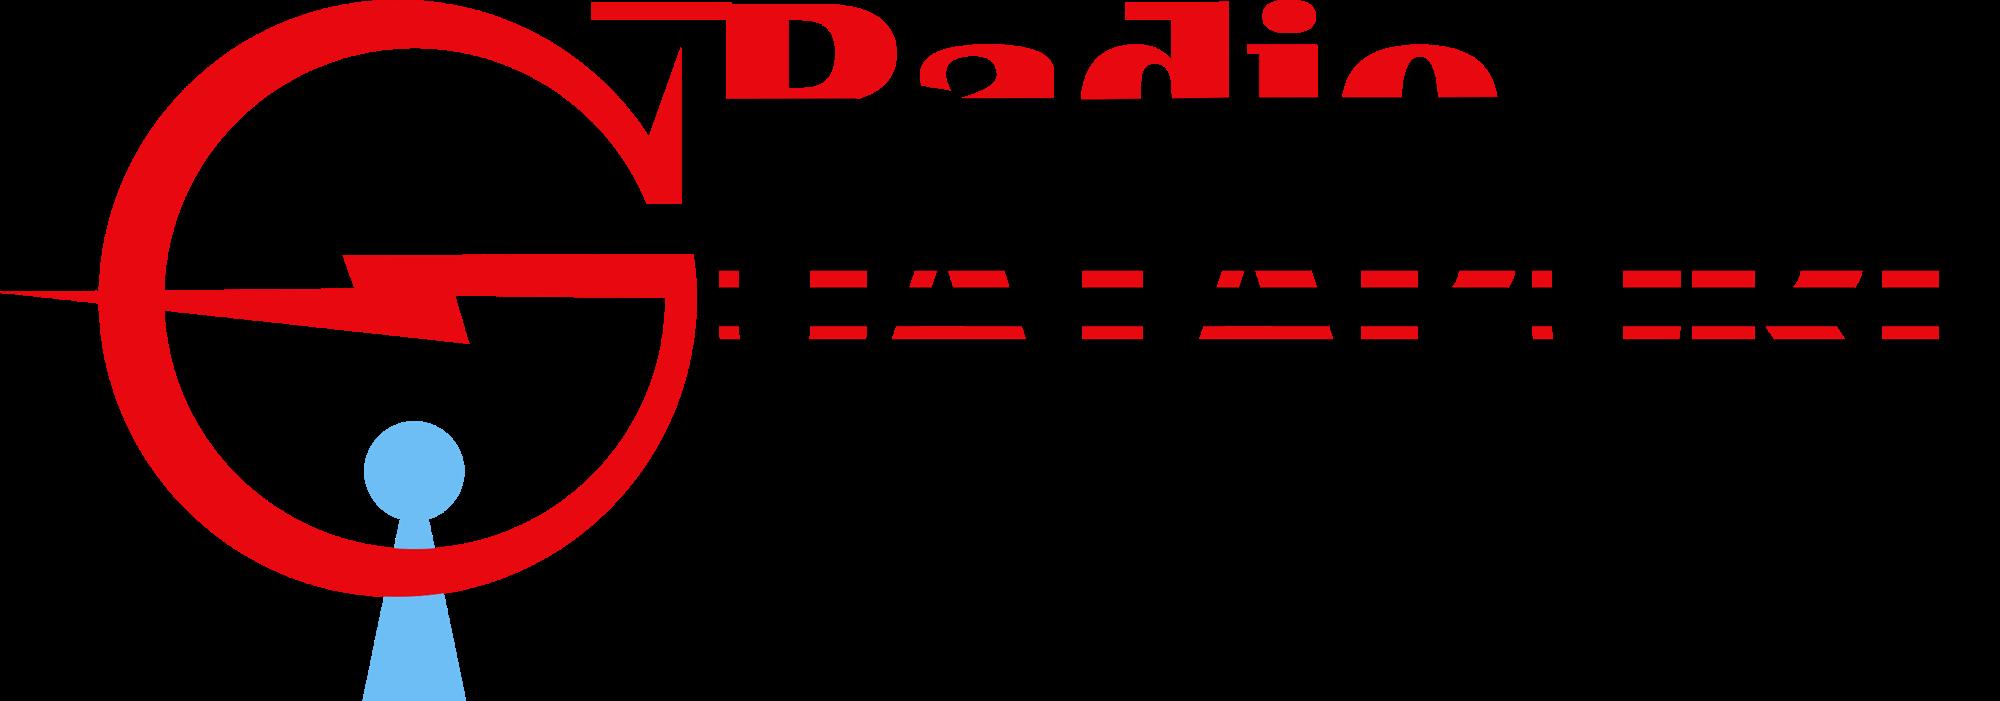 Radio Guatapurí